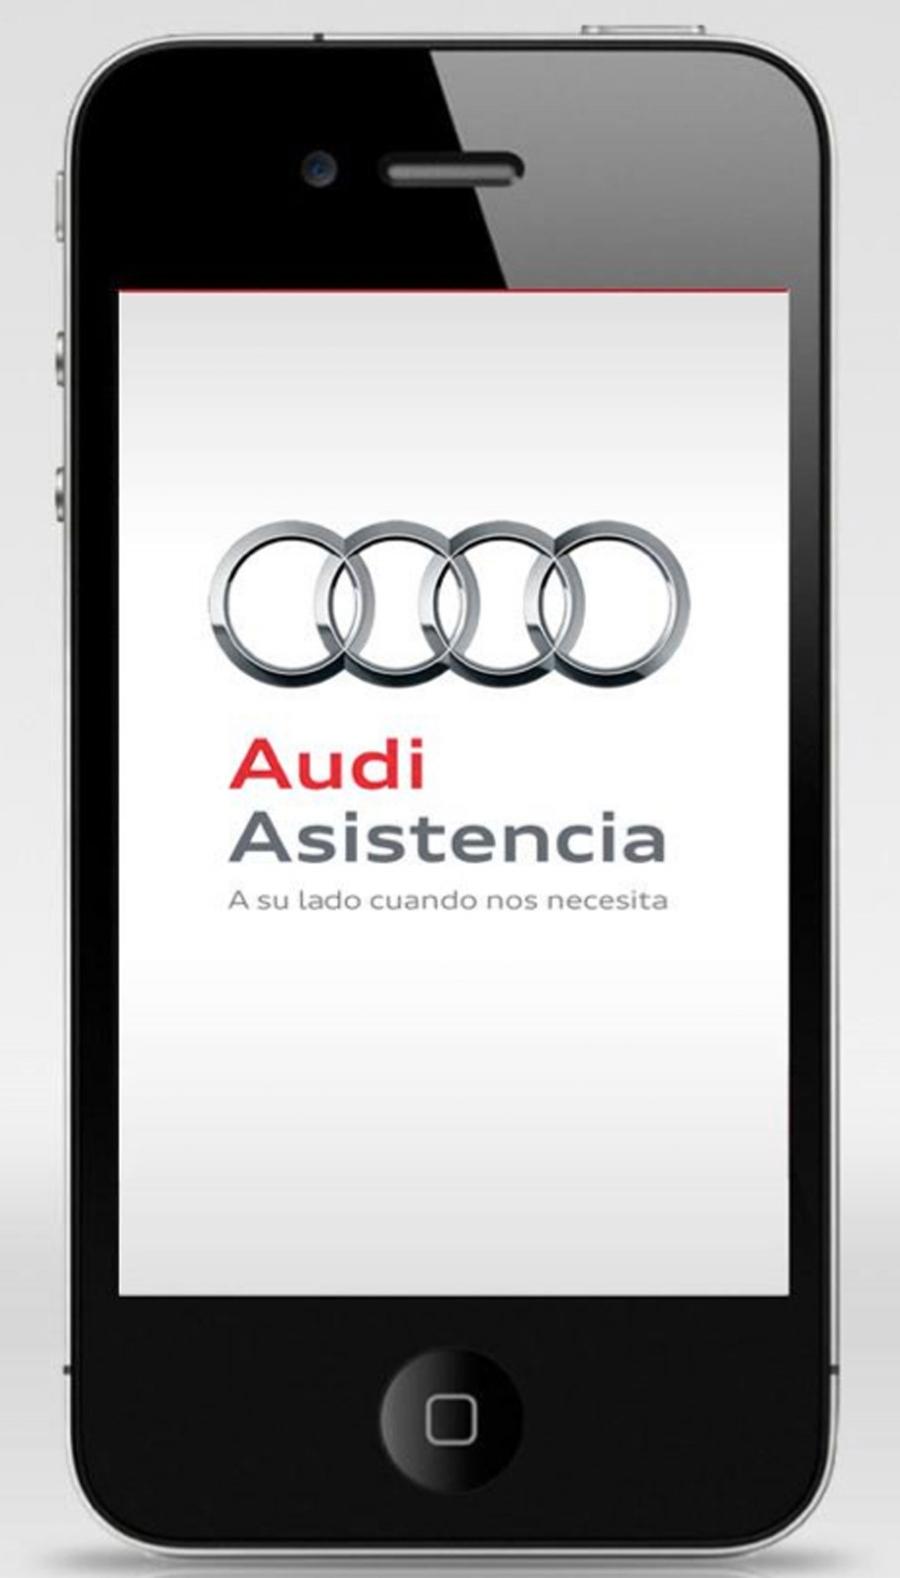 Audi lança um aplicativo para smartphones que fornece assistência técnica